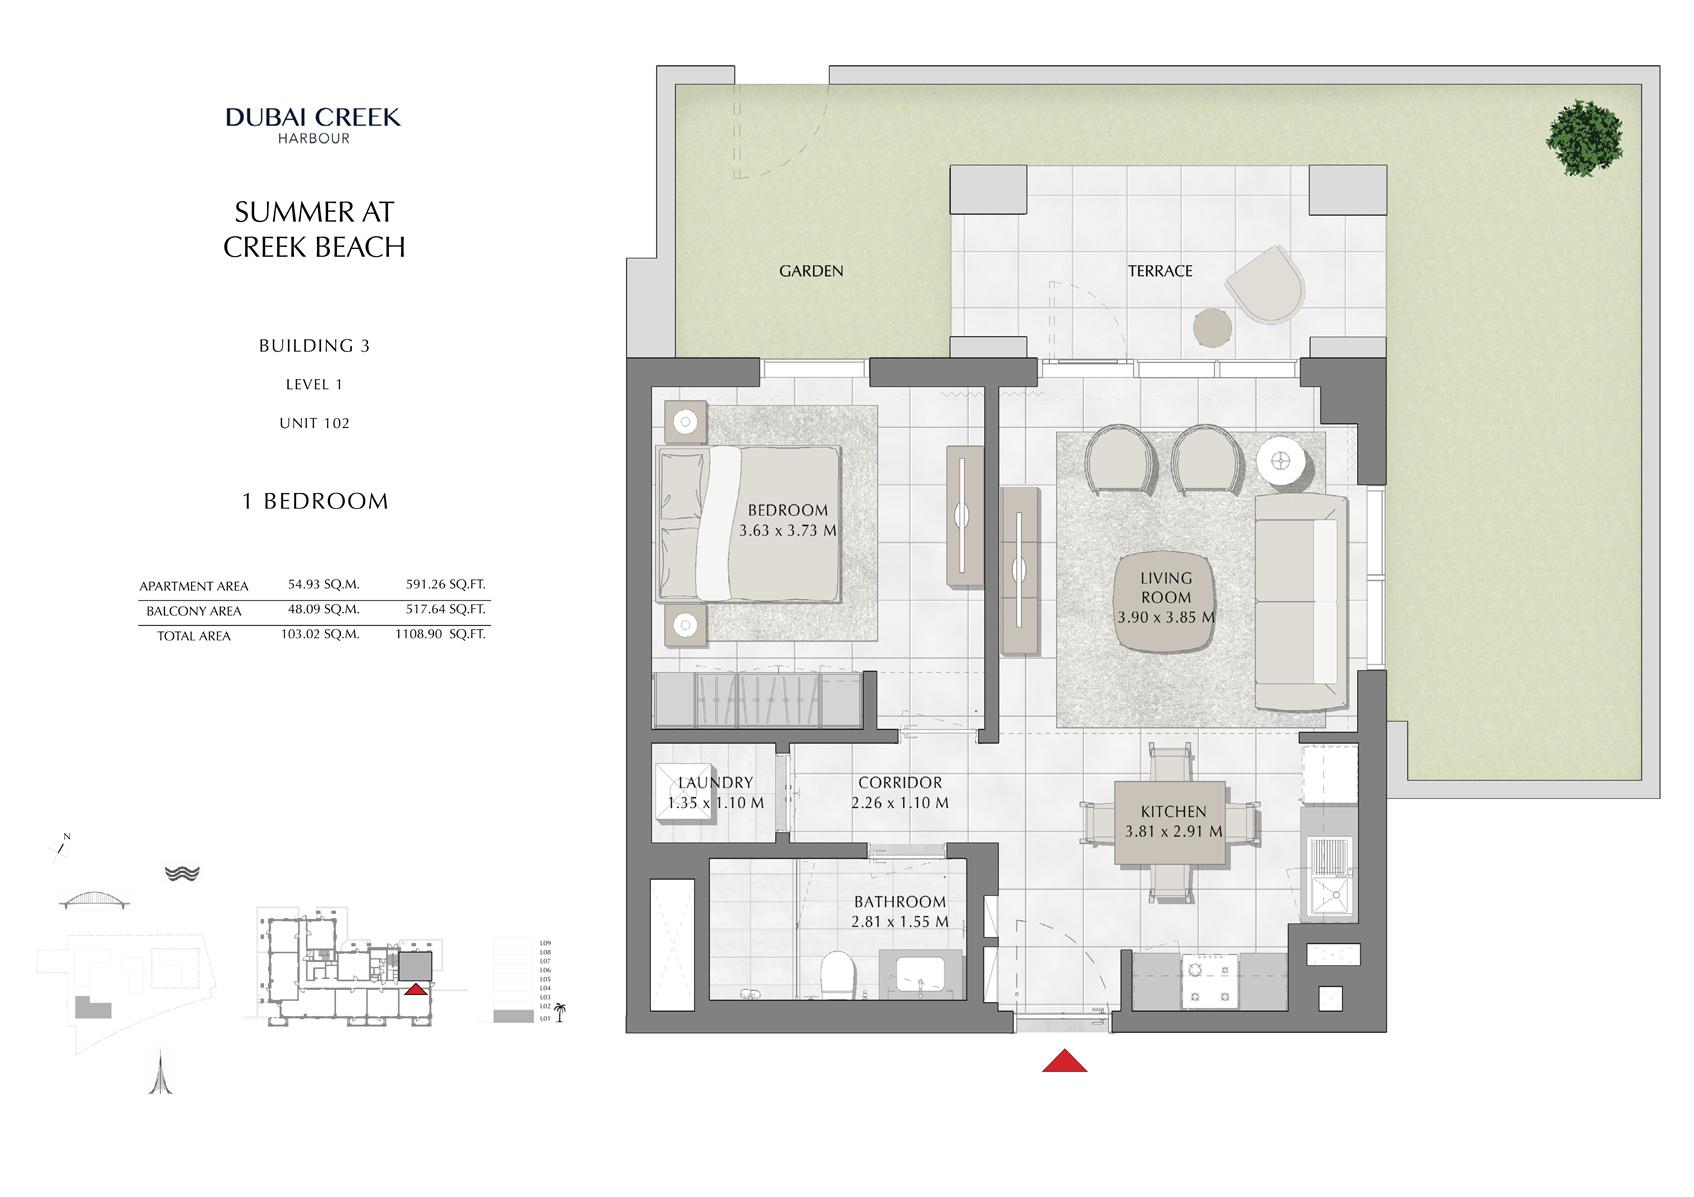 1 Br Building 3 Level 1 Unit 102, Size 1108 Sq Ft